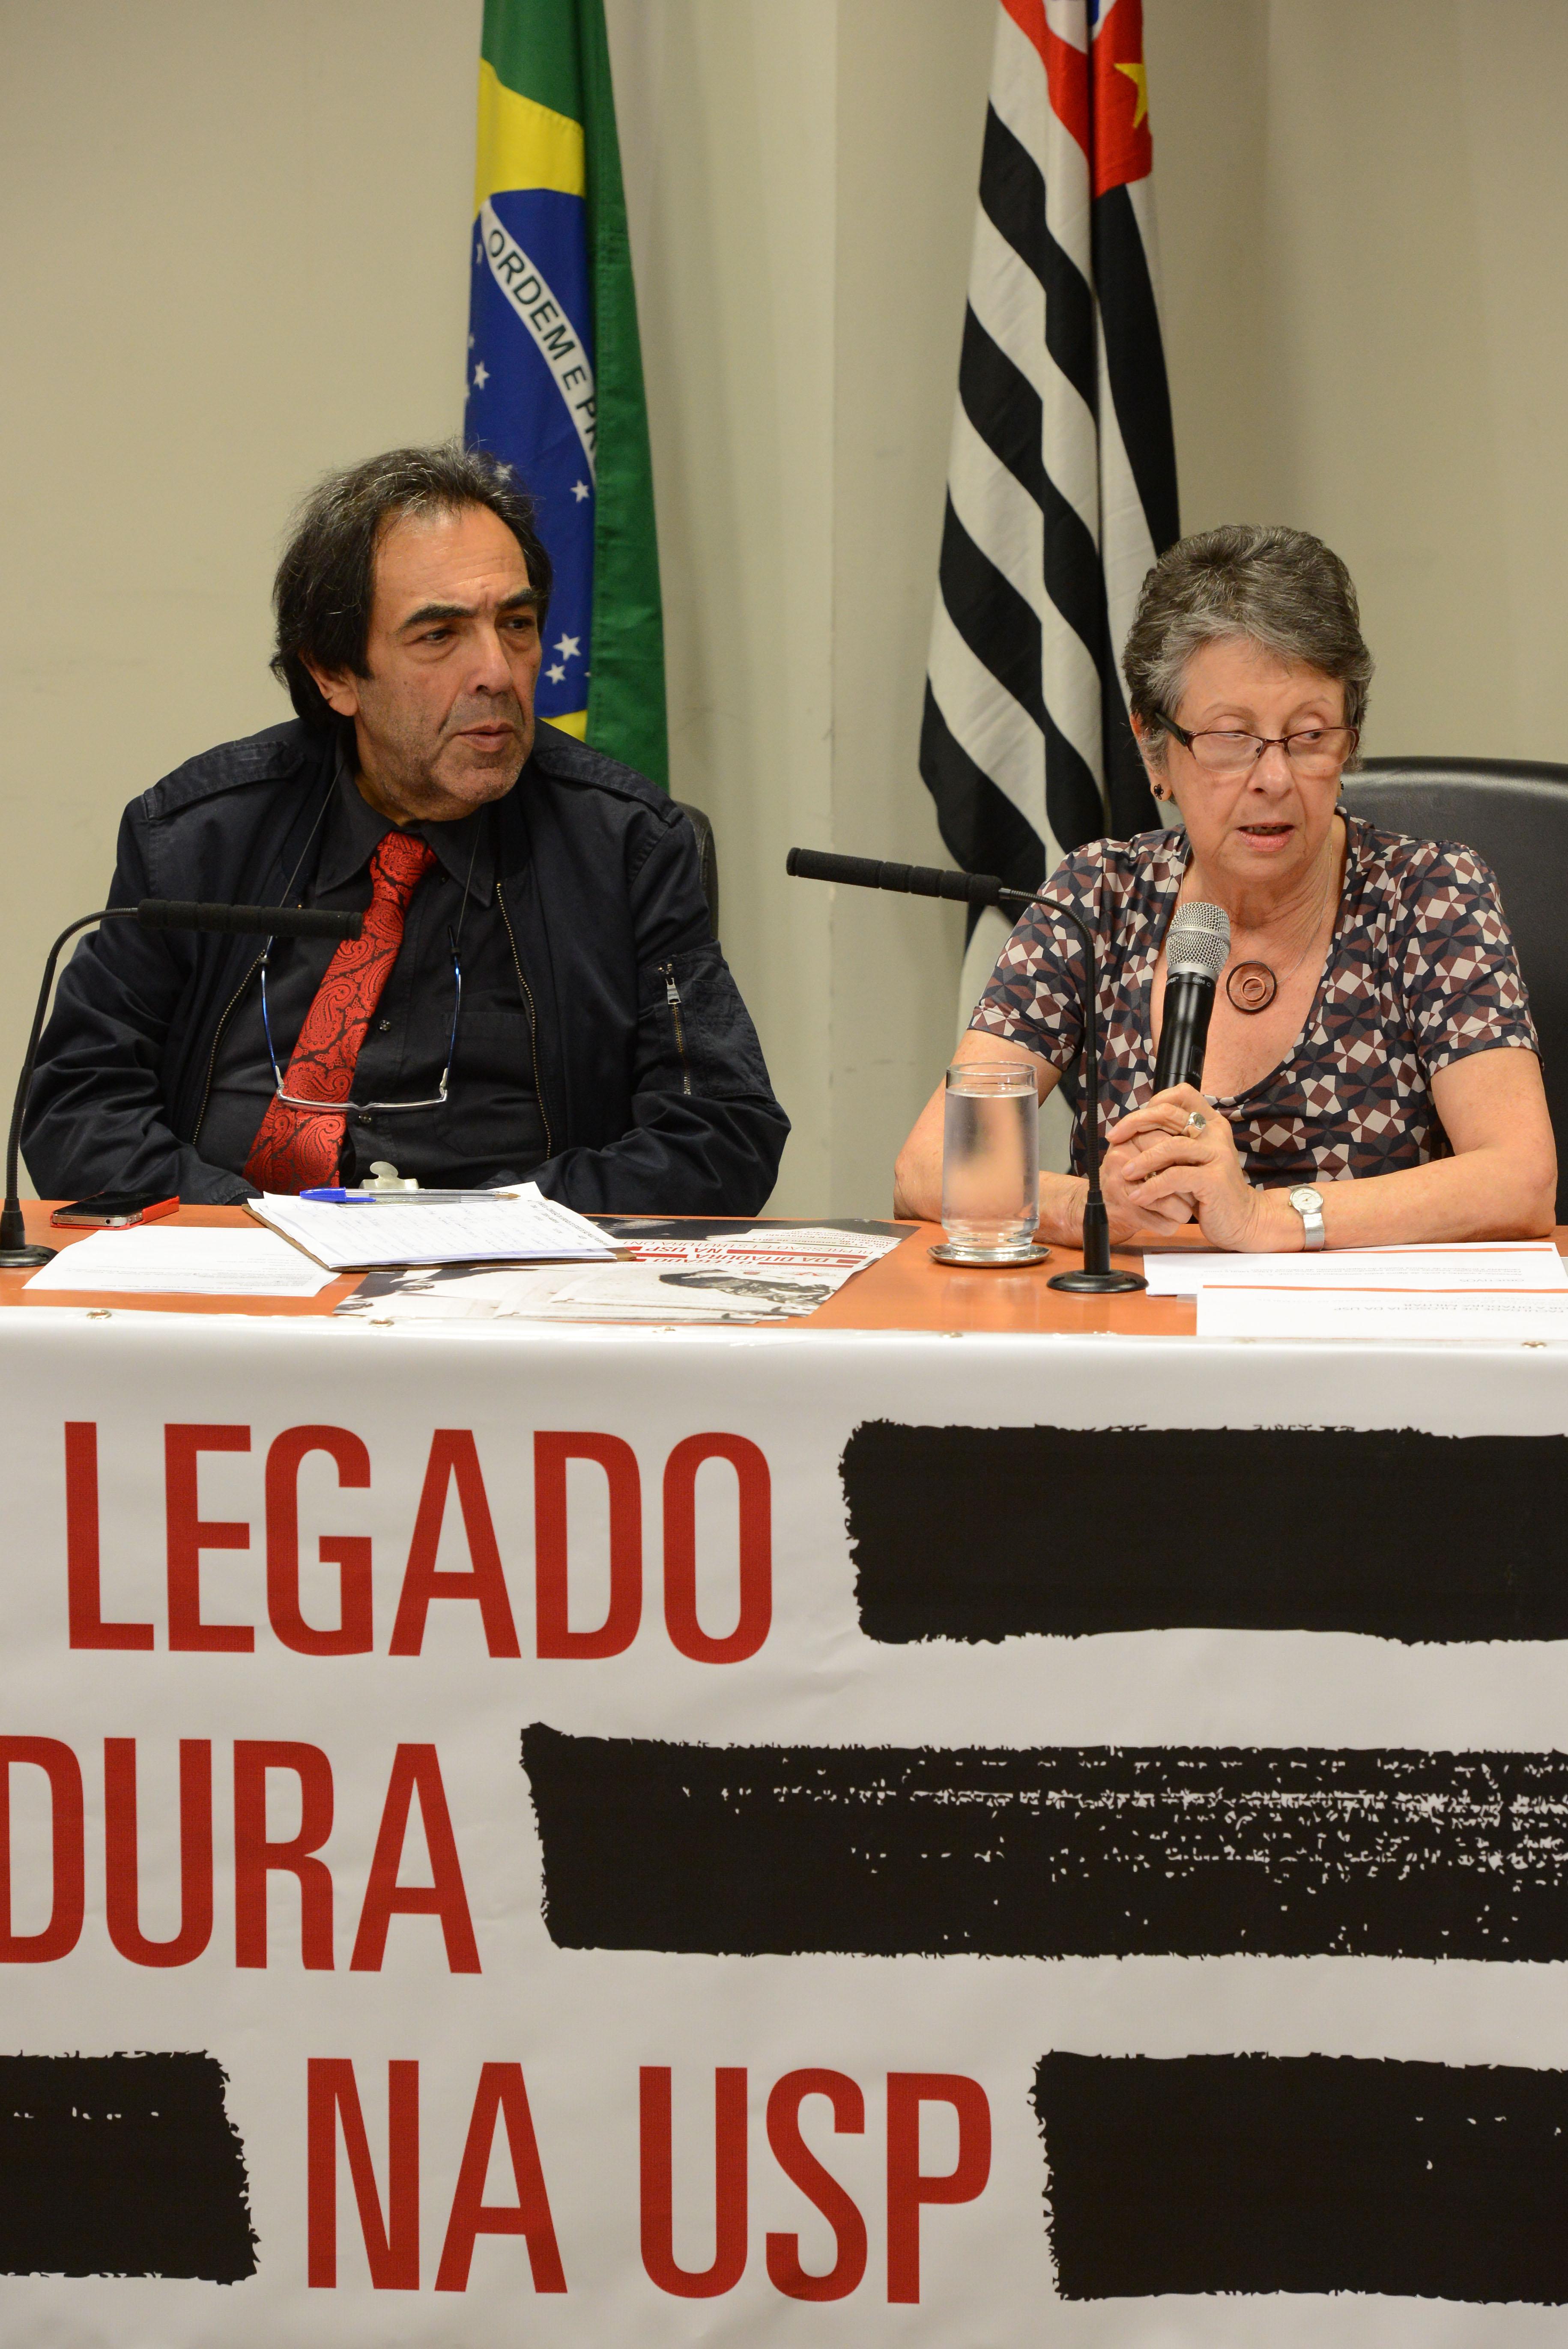 Adriano Diogo e Maria Hermínia Tavares de Almeida<a style='float:right' href='https://www3.al.sp.gov.br/repositorio/noticia/N-09-2014/fg165055.jpg' target=_blank><img src='/_img/material-file-download-white.png' width='14px' alt='Clique para baixar a imagem'></a>